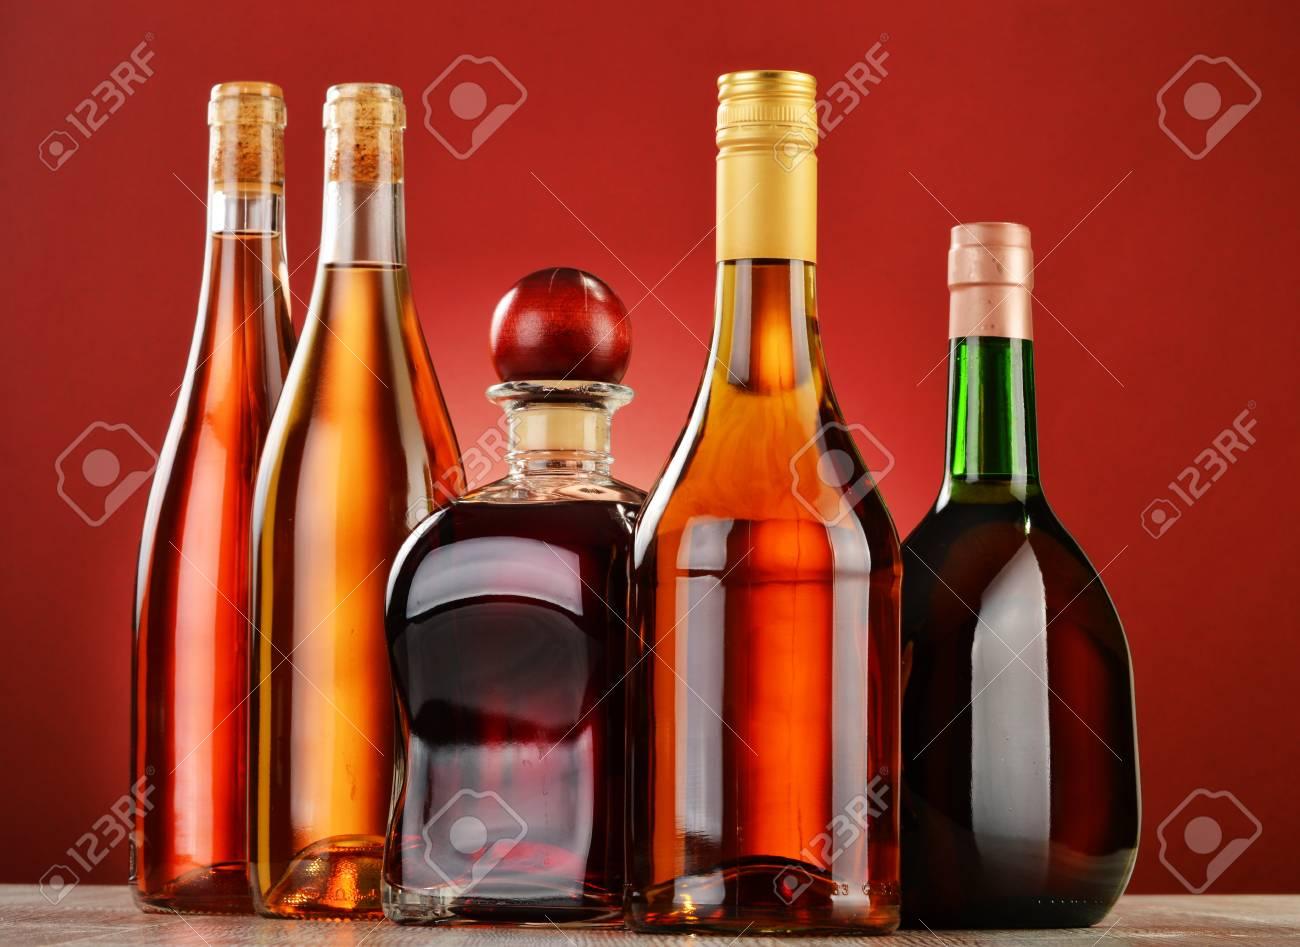 Flaschen Aus Verschiedenen Alkoholischen Getränken Lizenzfreie Fotos ...